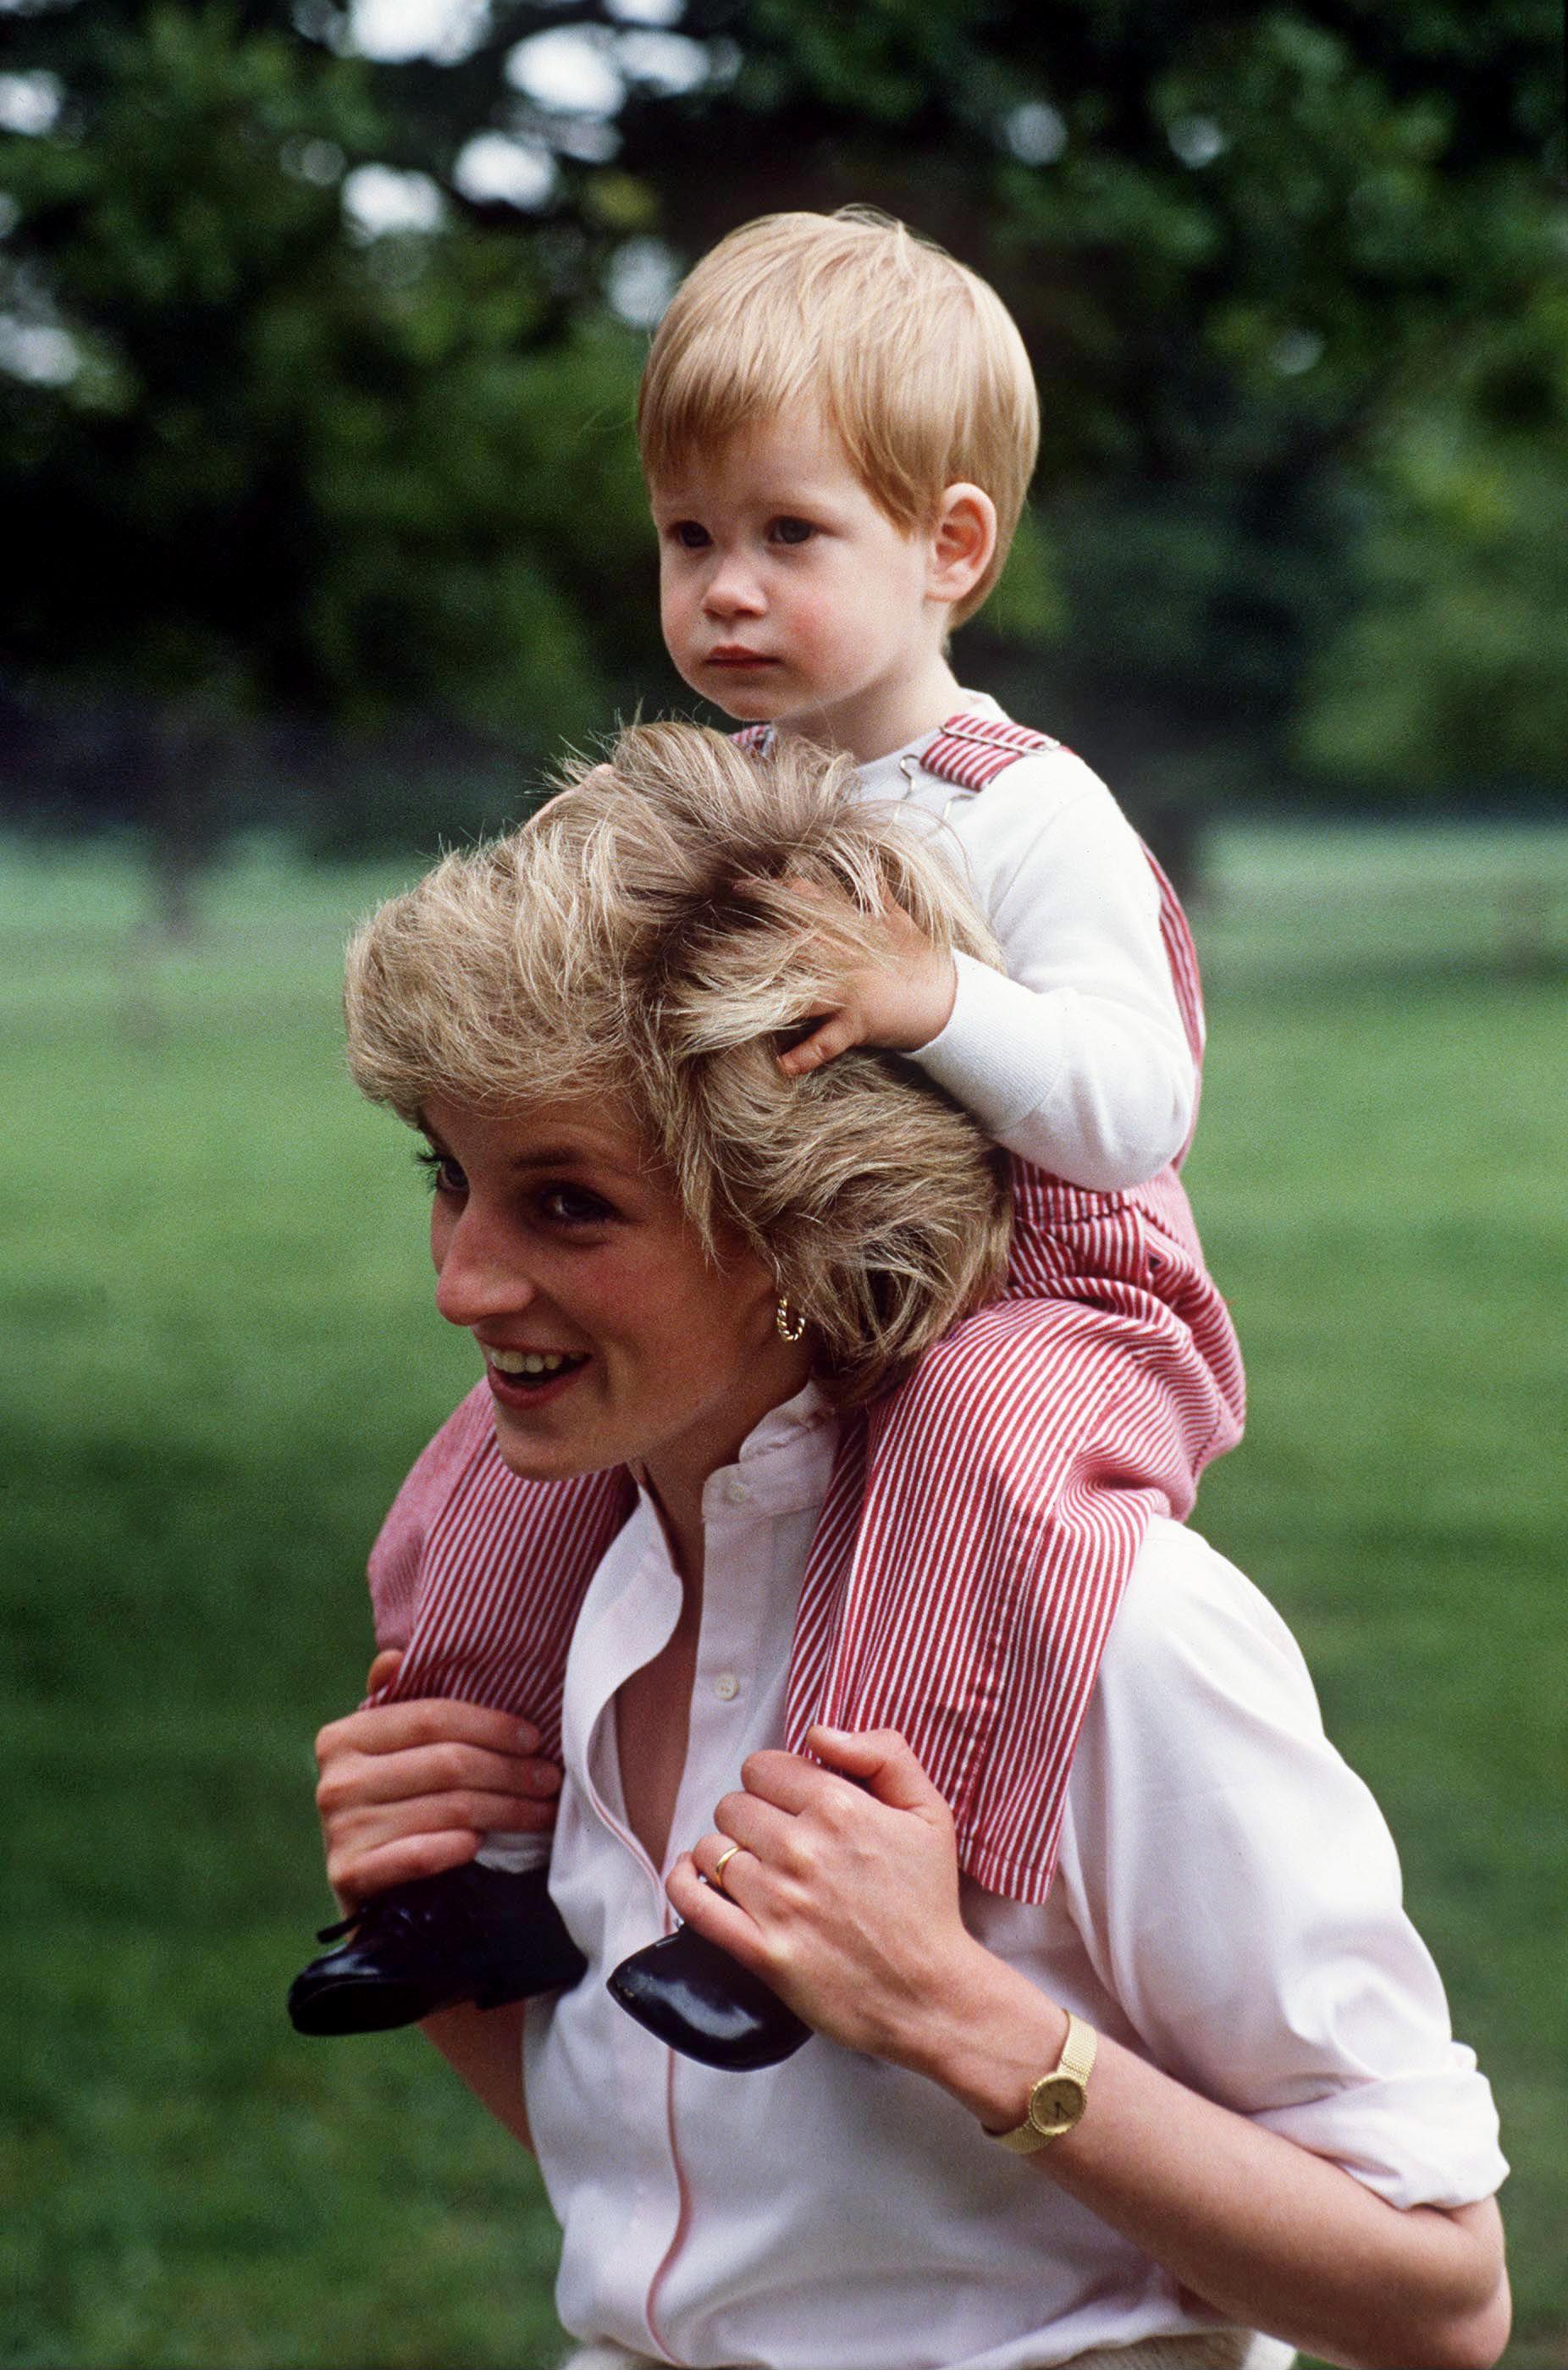 黛安娜王妃,黛安娜,黛妃,英國皇室,黛妃忌日,威廉王子,哈利王子